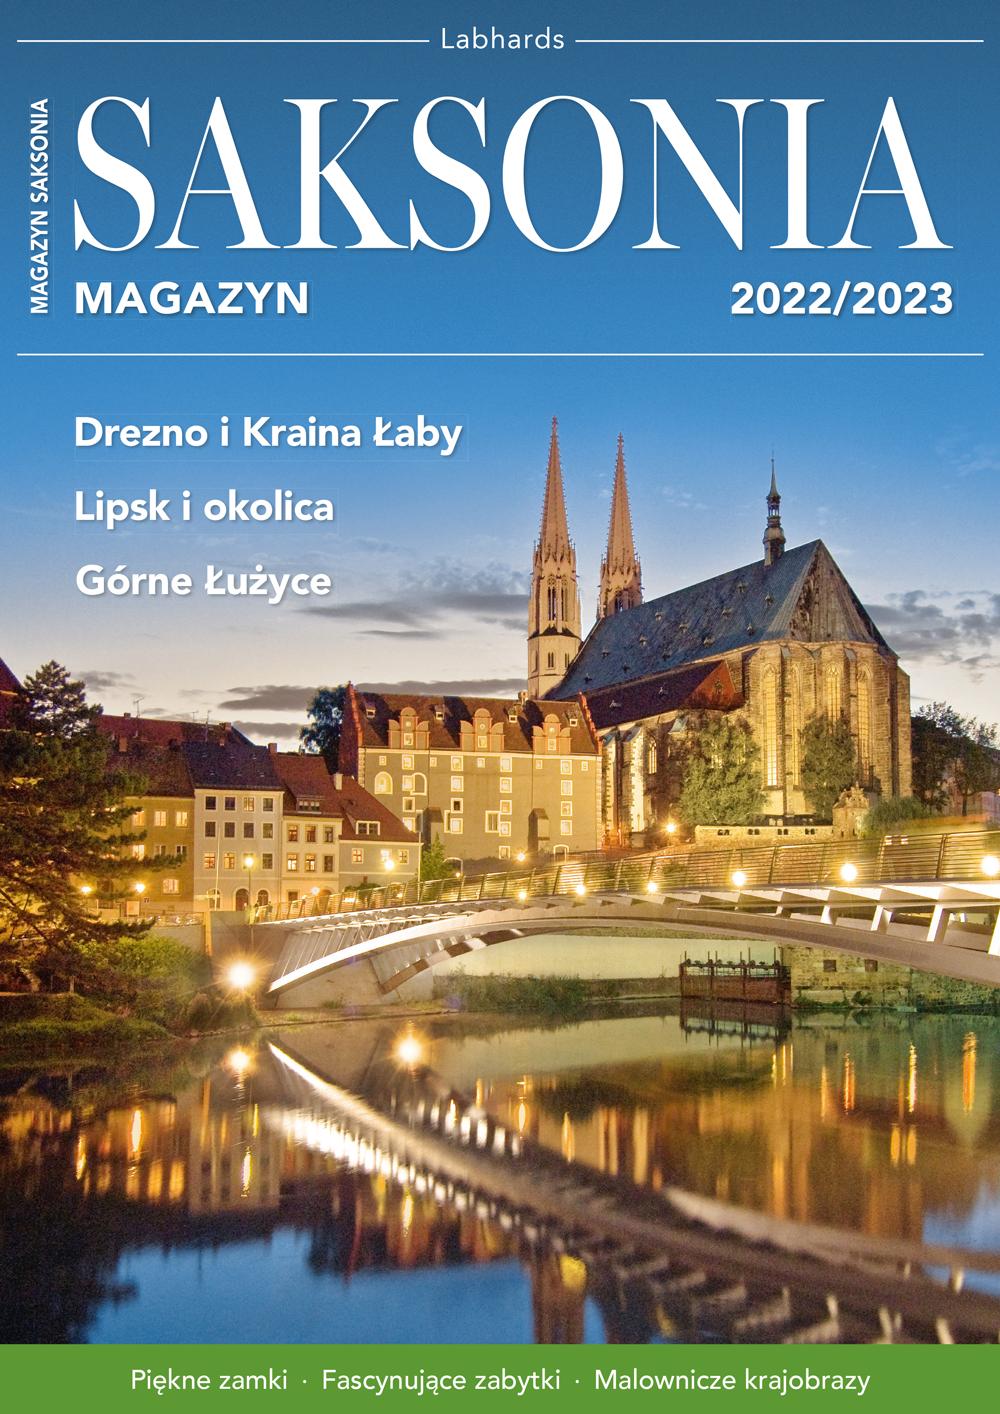 Magazyn Saksonia